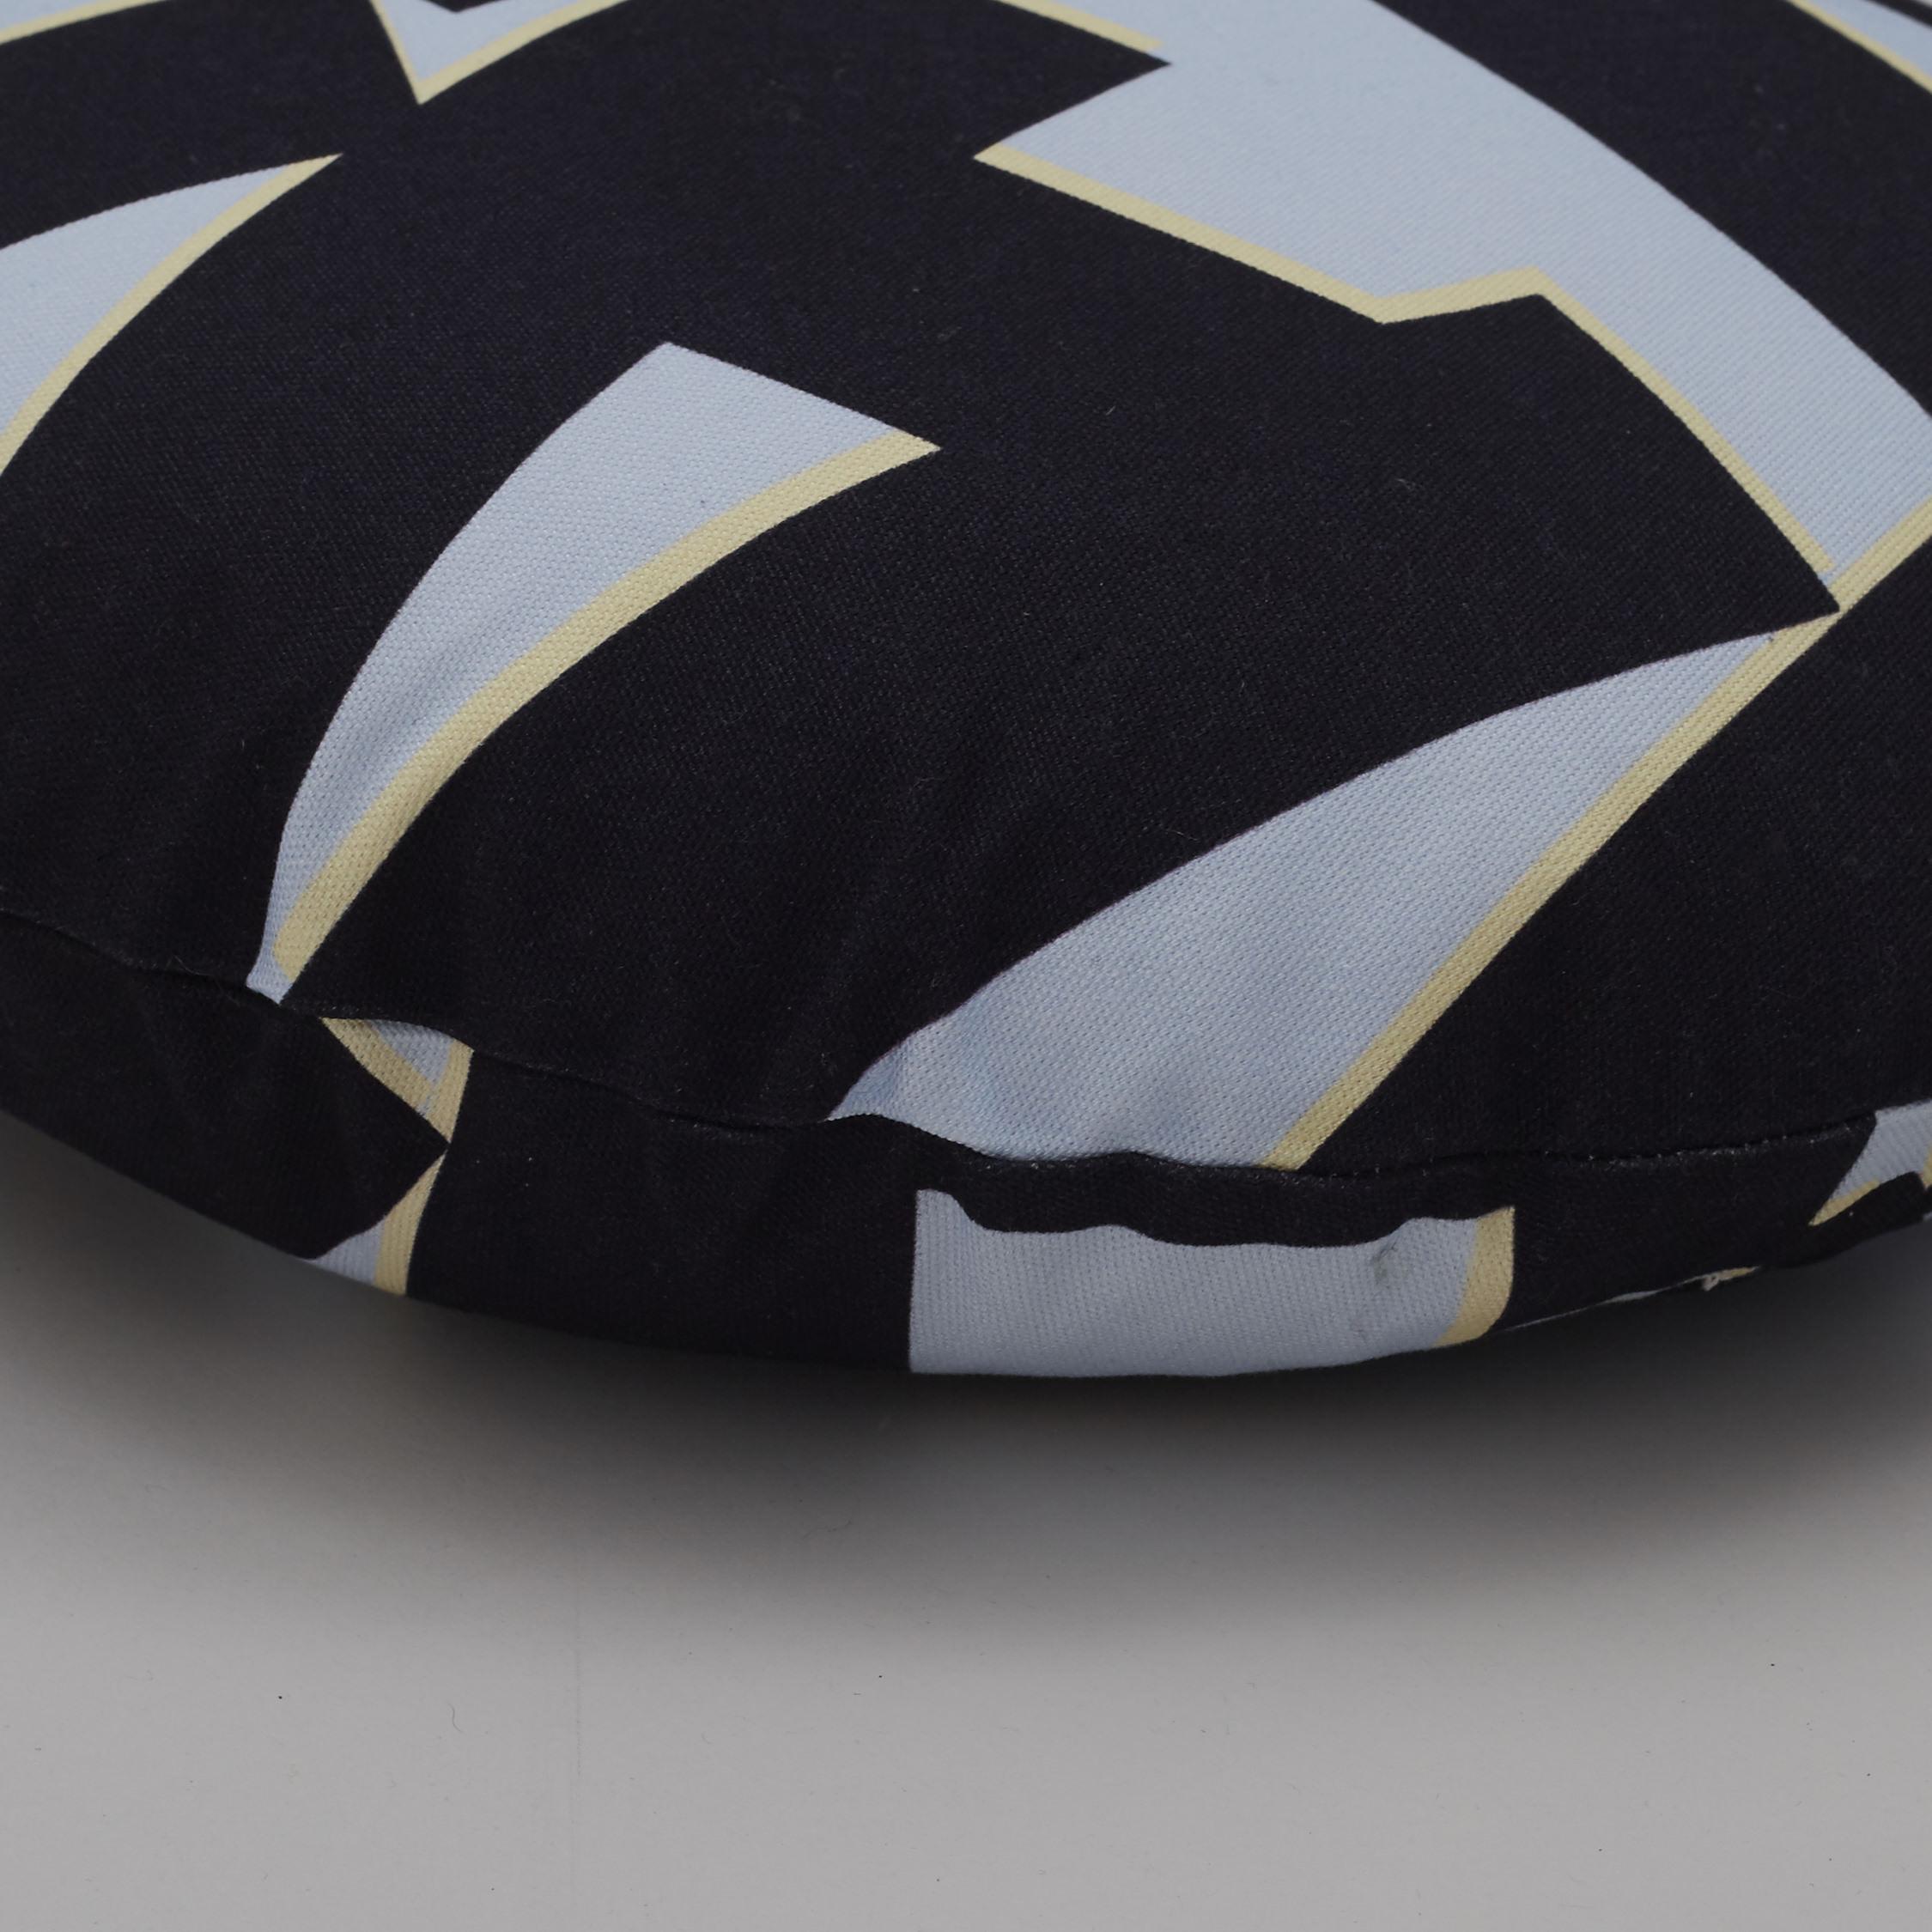 Kangan Arora for Urban Outfitters 03 Detail.jpg